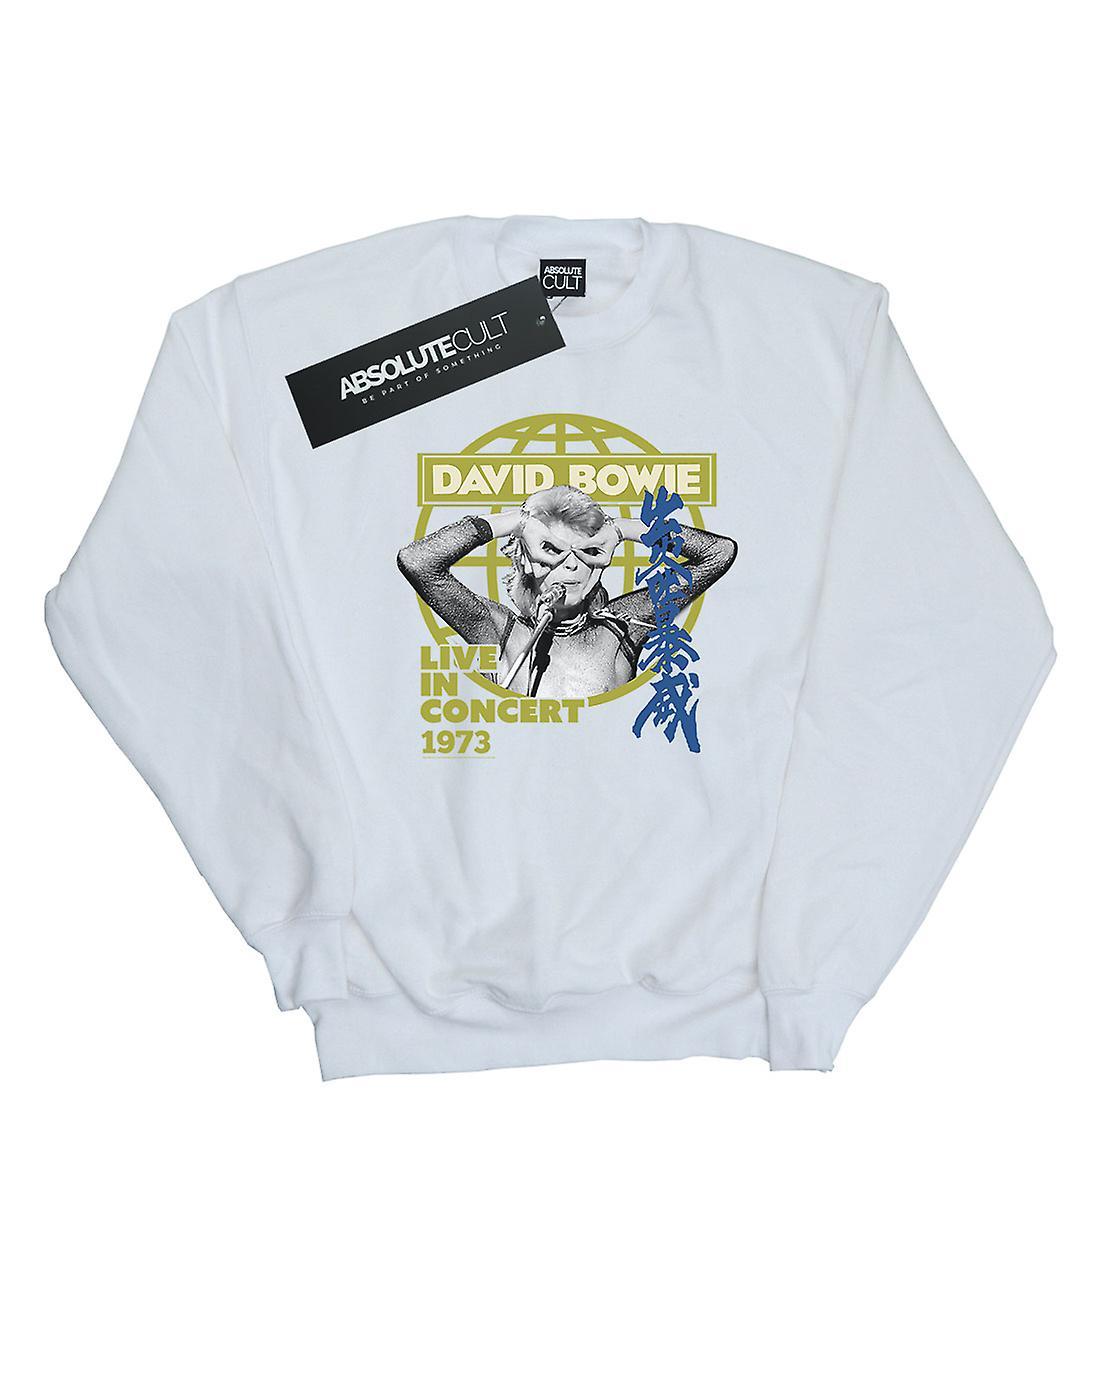 David Bowie Boys Live In Concert Sweatshirt